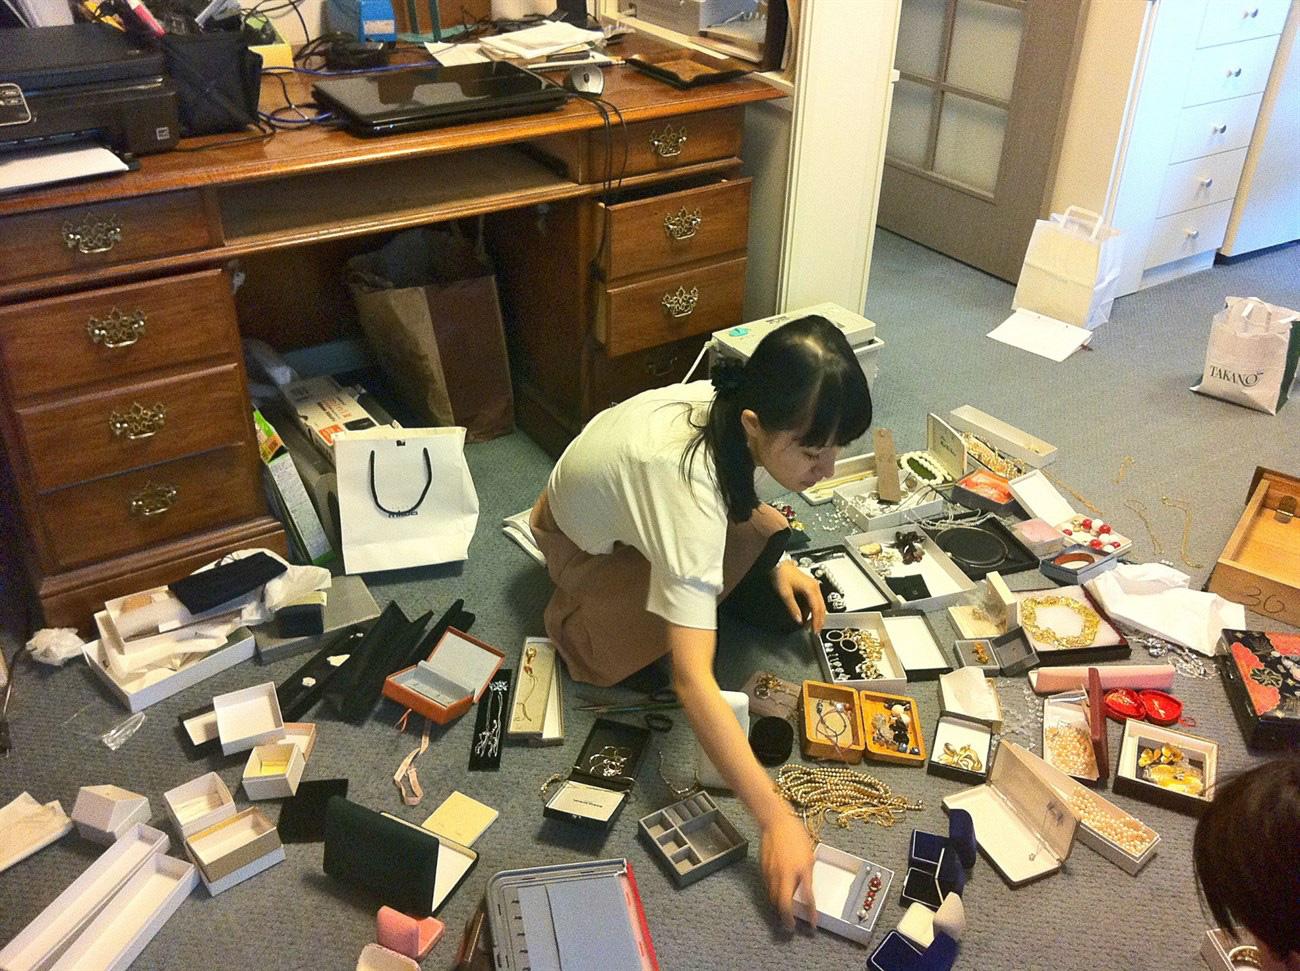 Học lỏm 7 mẹo dọn nhà cửa cực đỉnh của người Nhật, áp dụng đúng cách bà nội trợ giảm hẳn 1/3 sức lao động - Ảnh 3.